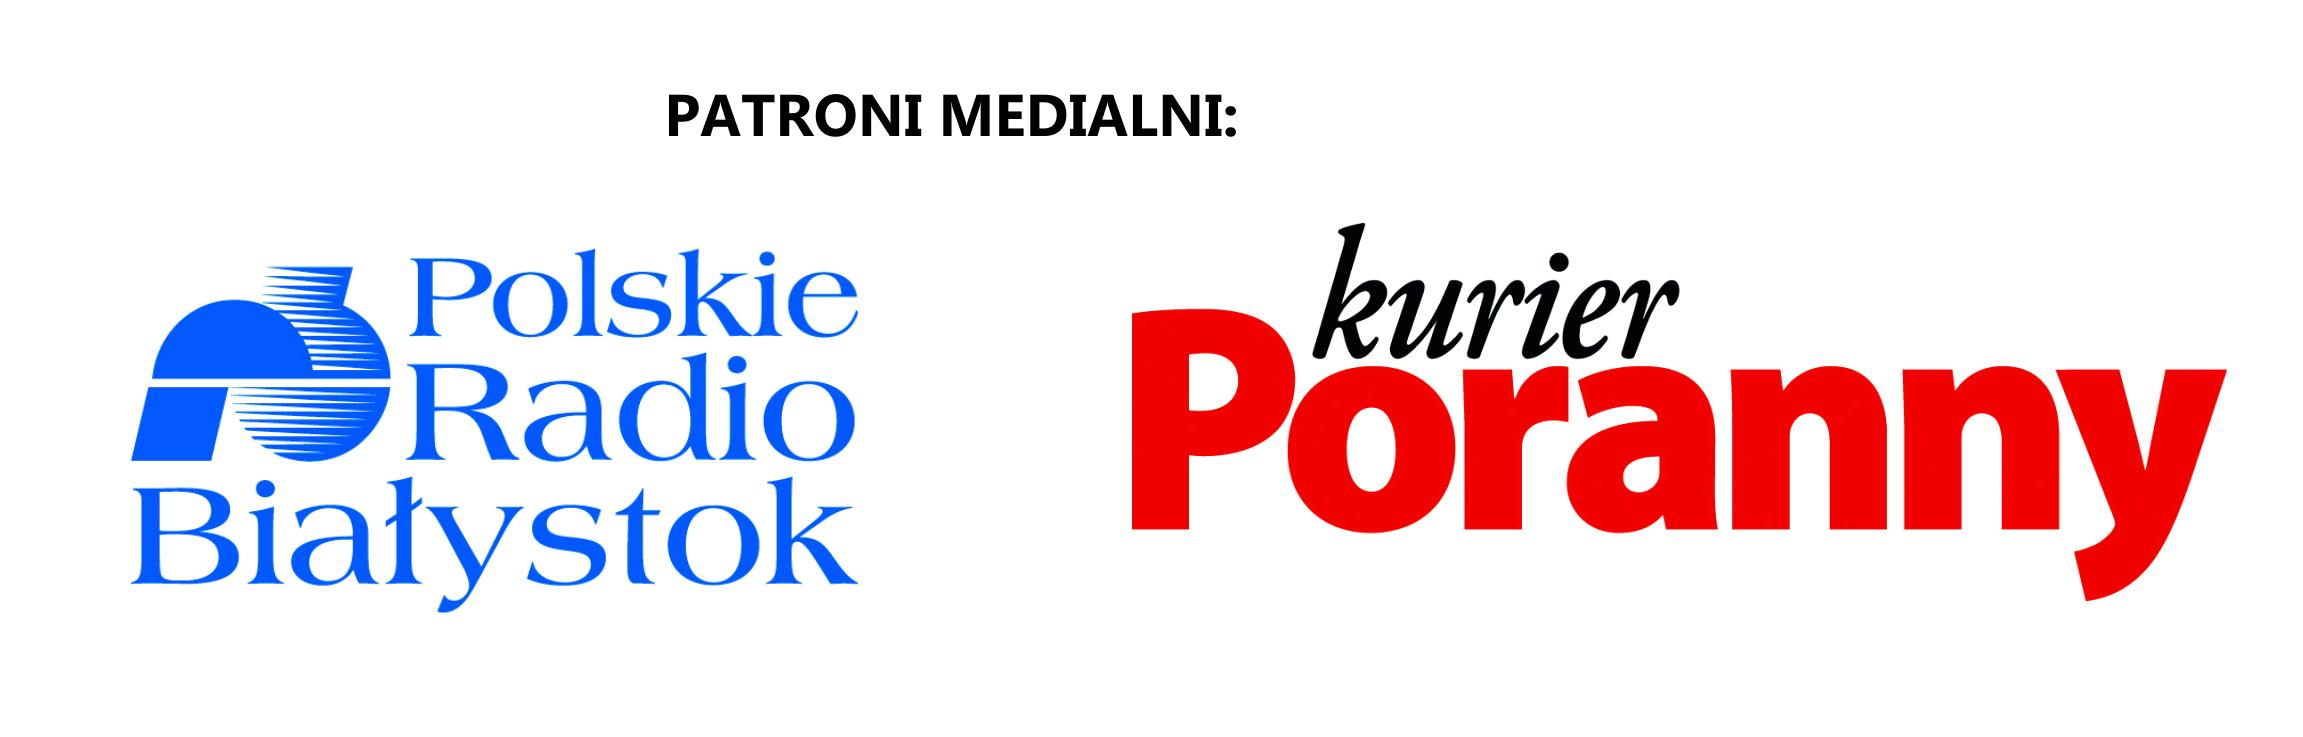 logo patroni medialni